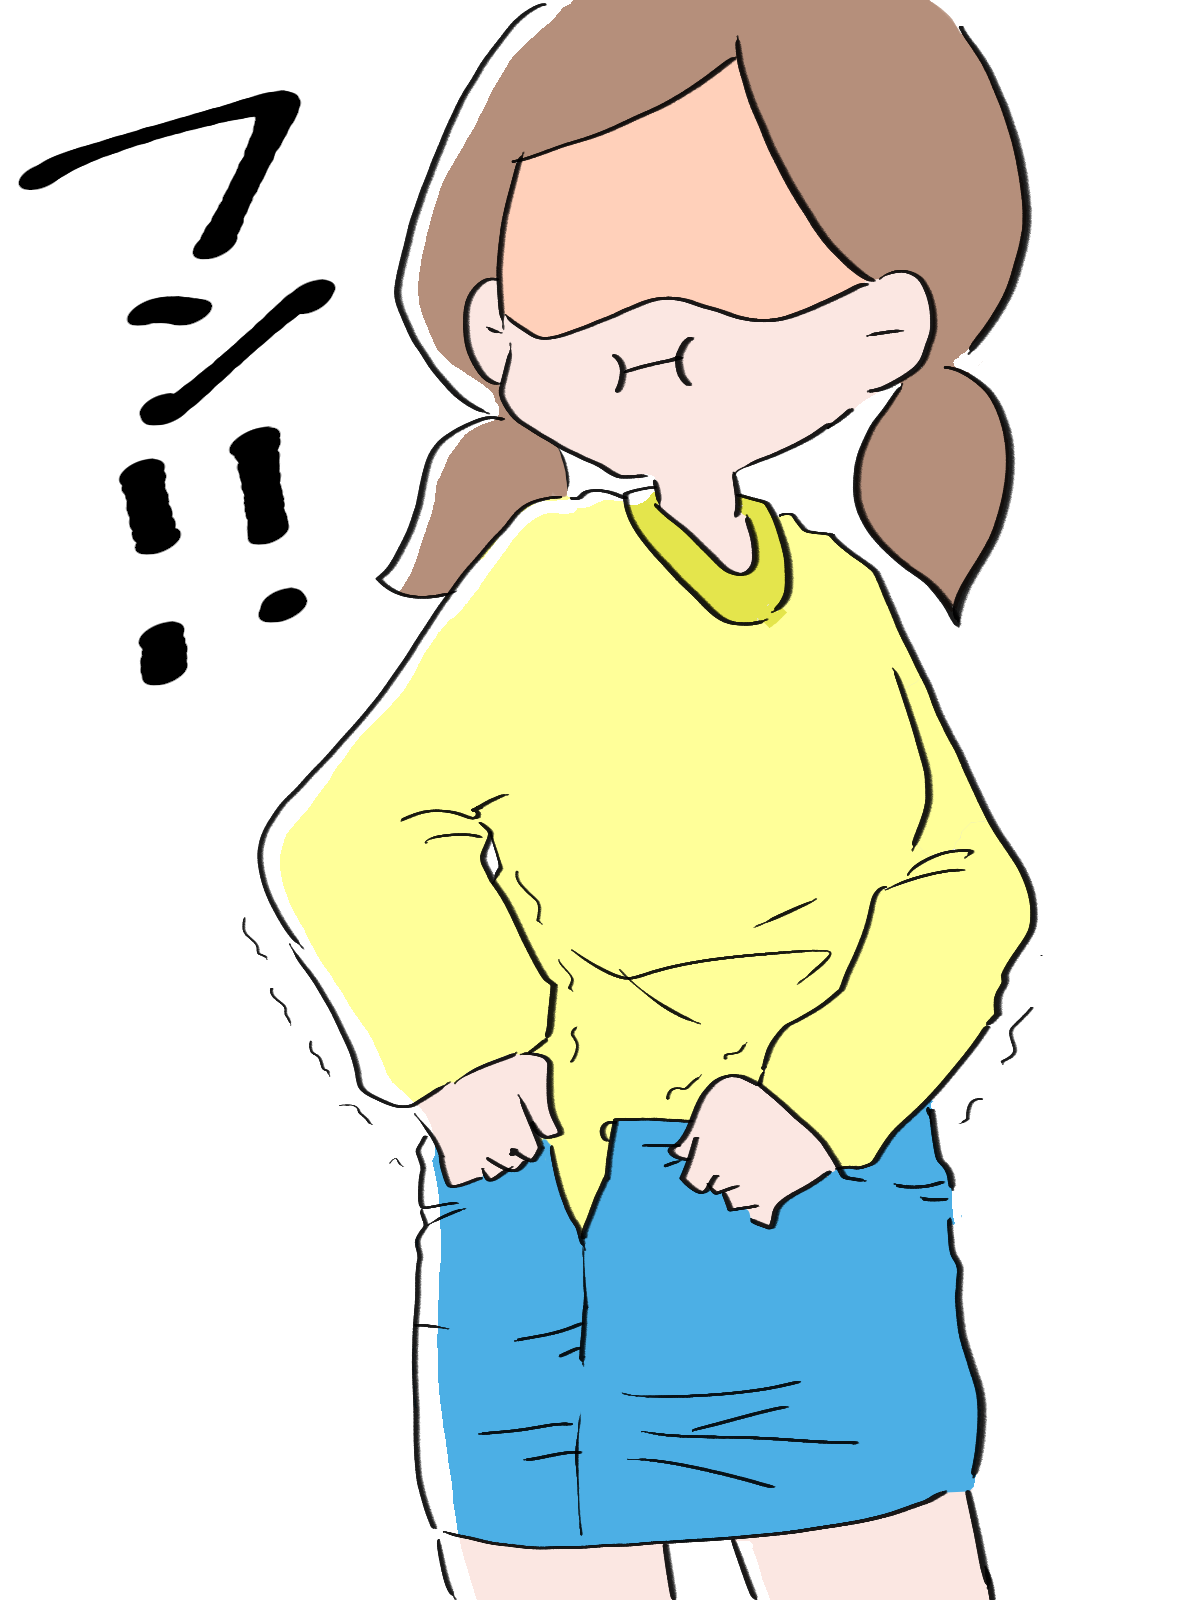 【オノマトペ】ピチピチの意味と例文